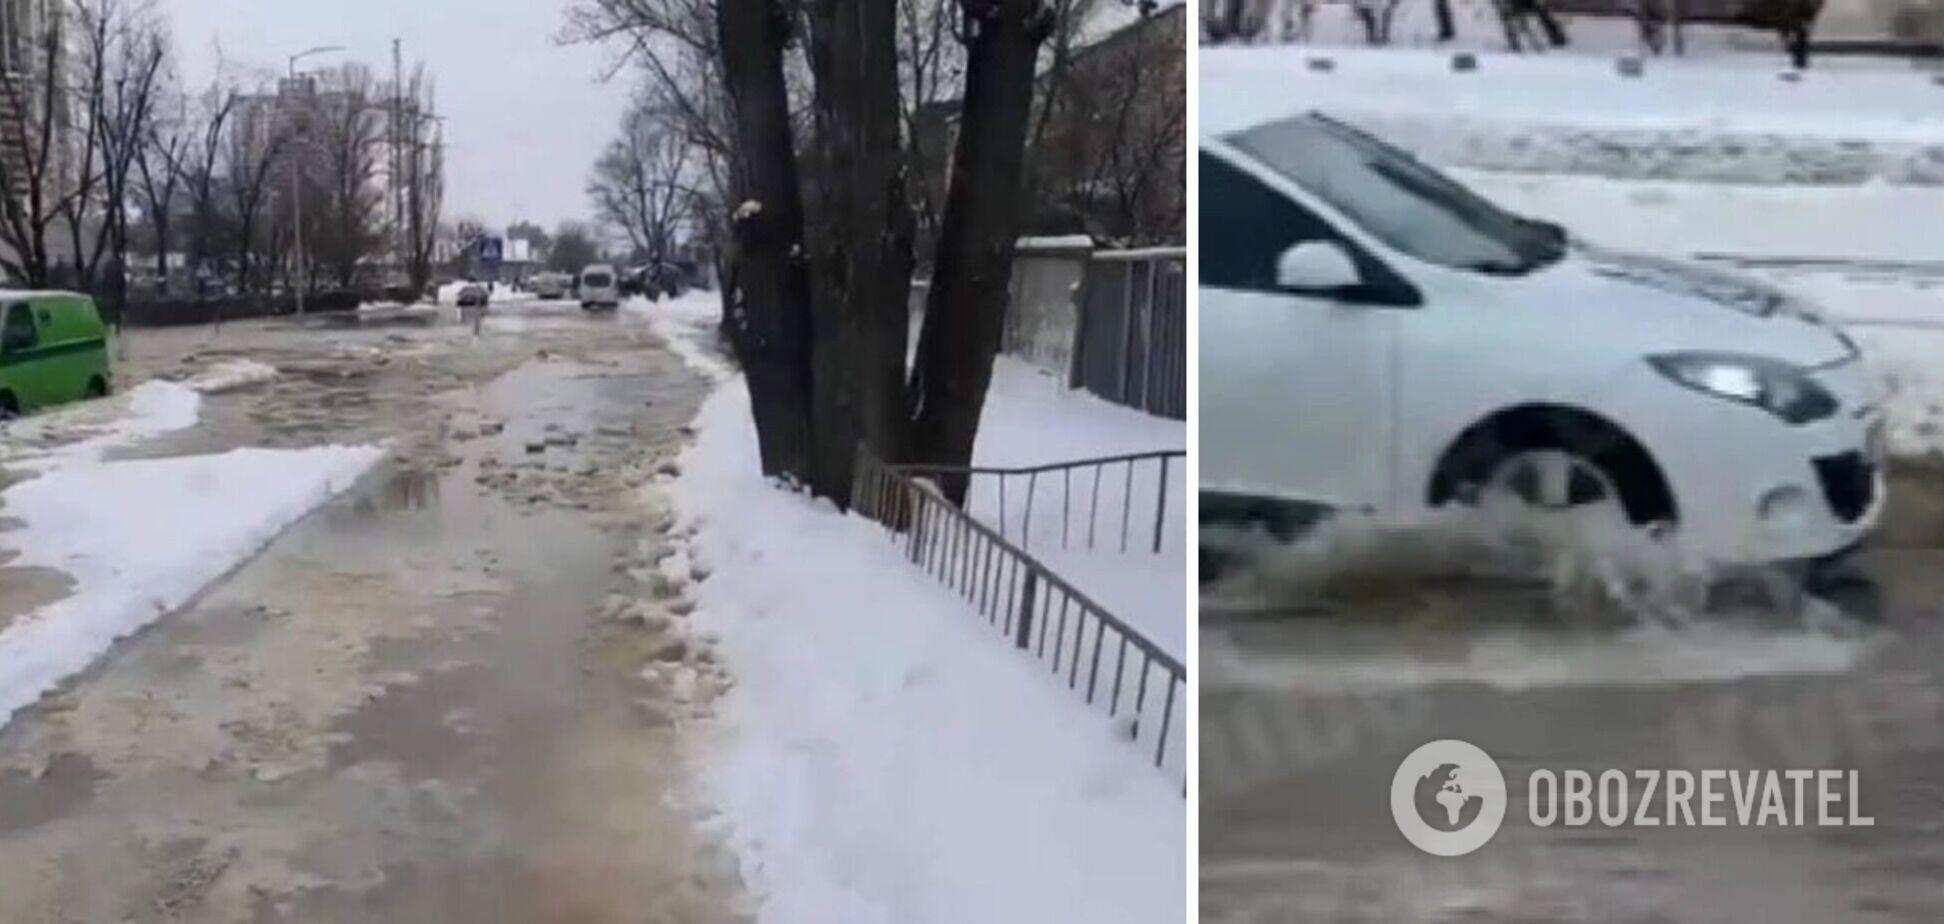 В Киеве возле станции метро 'Черниговская' прорвало трубу